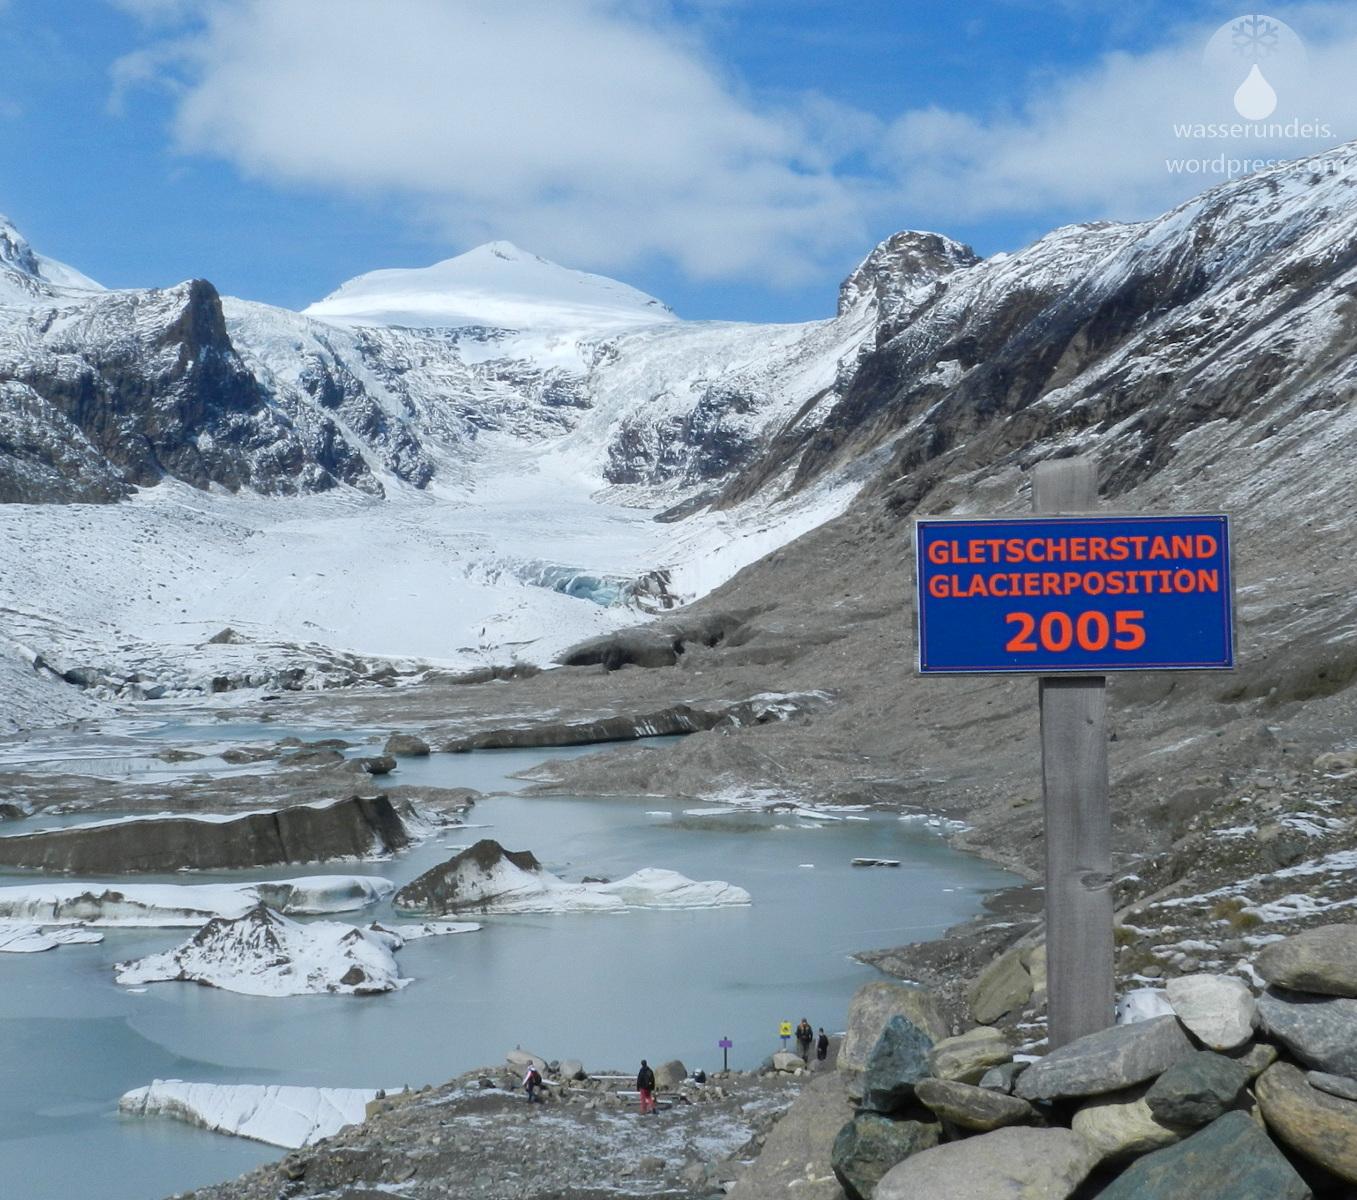 Pasterze Gletscher 2005 2017